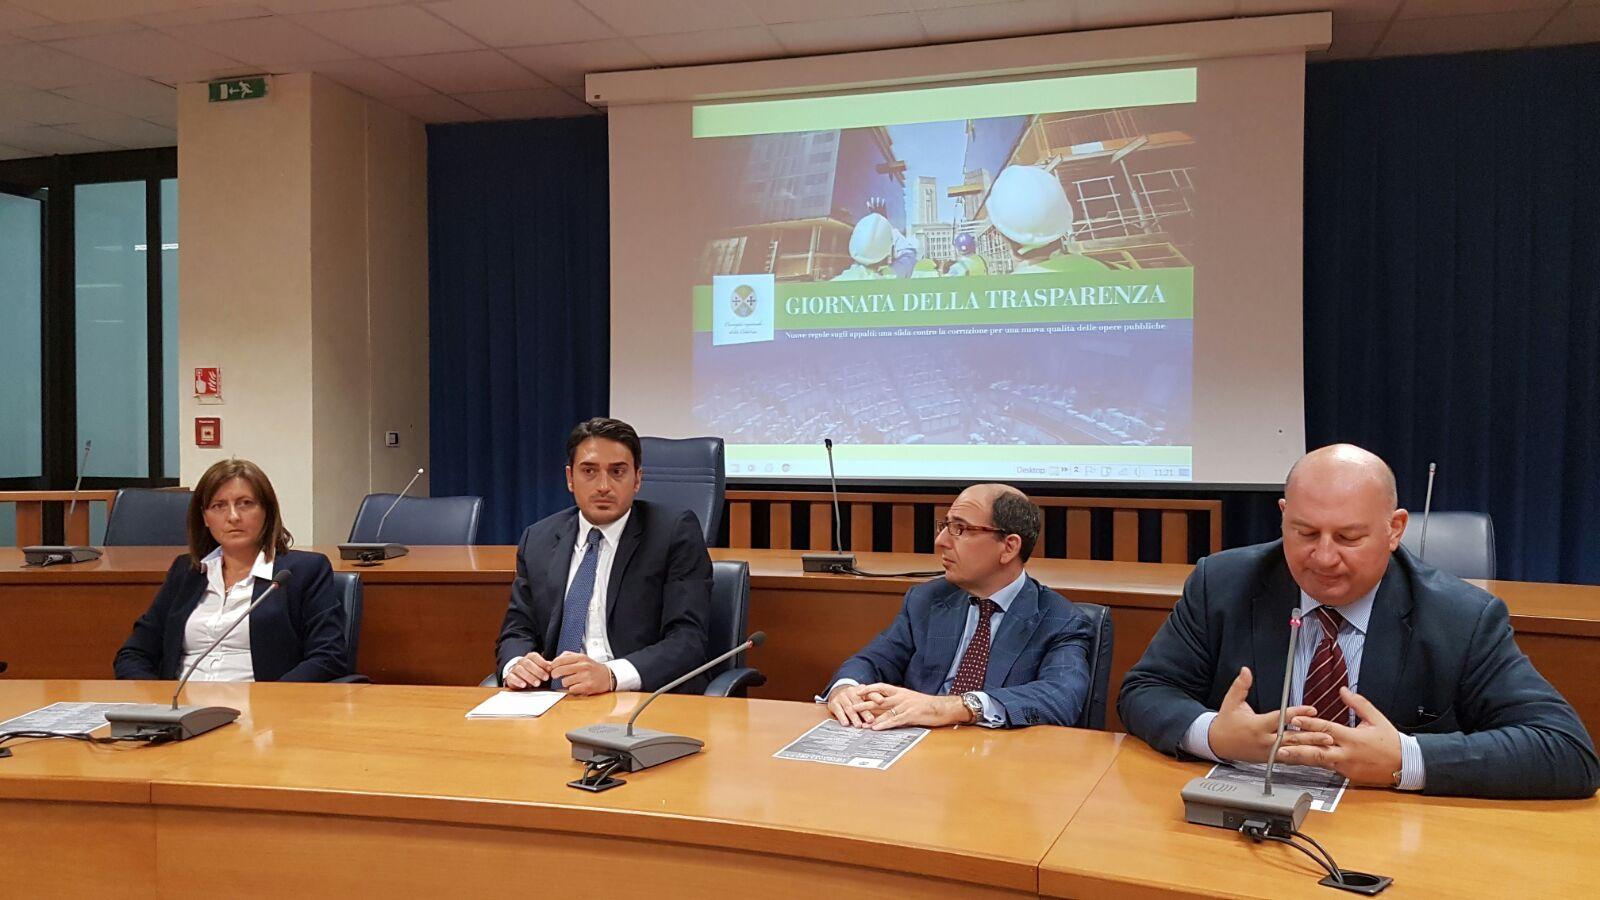 Giornata della Trasparenza a Reggio